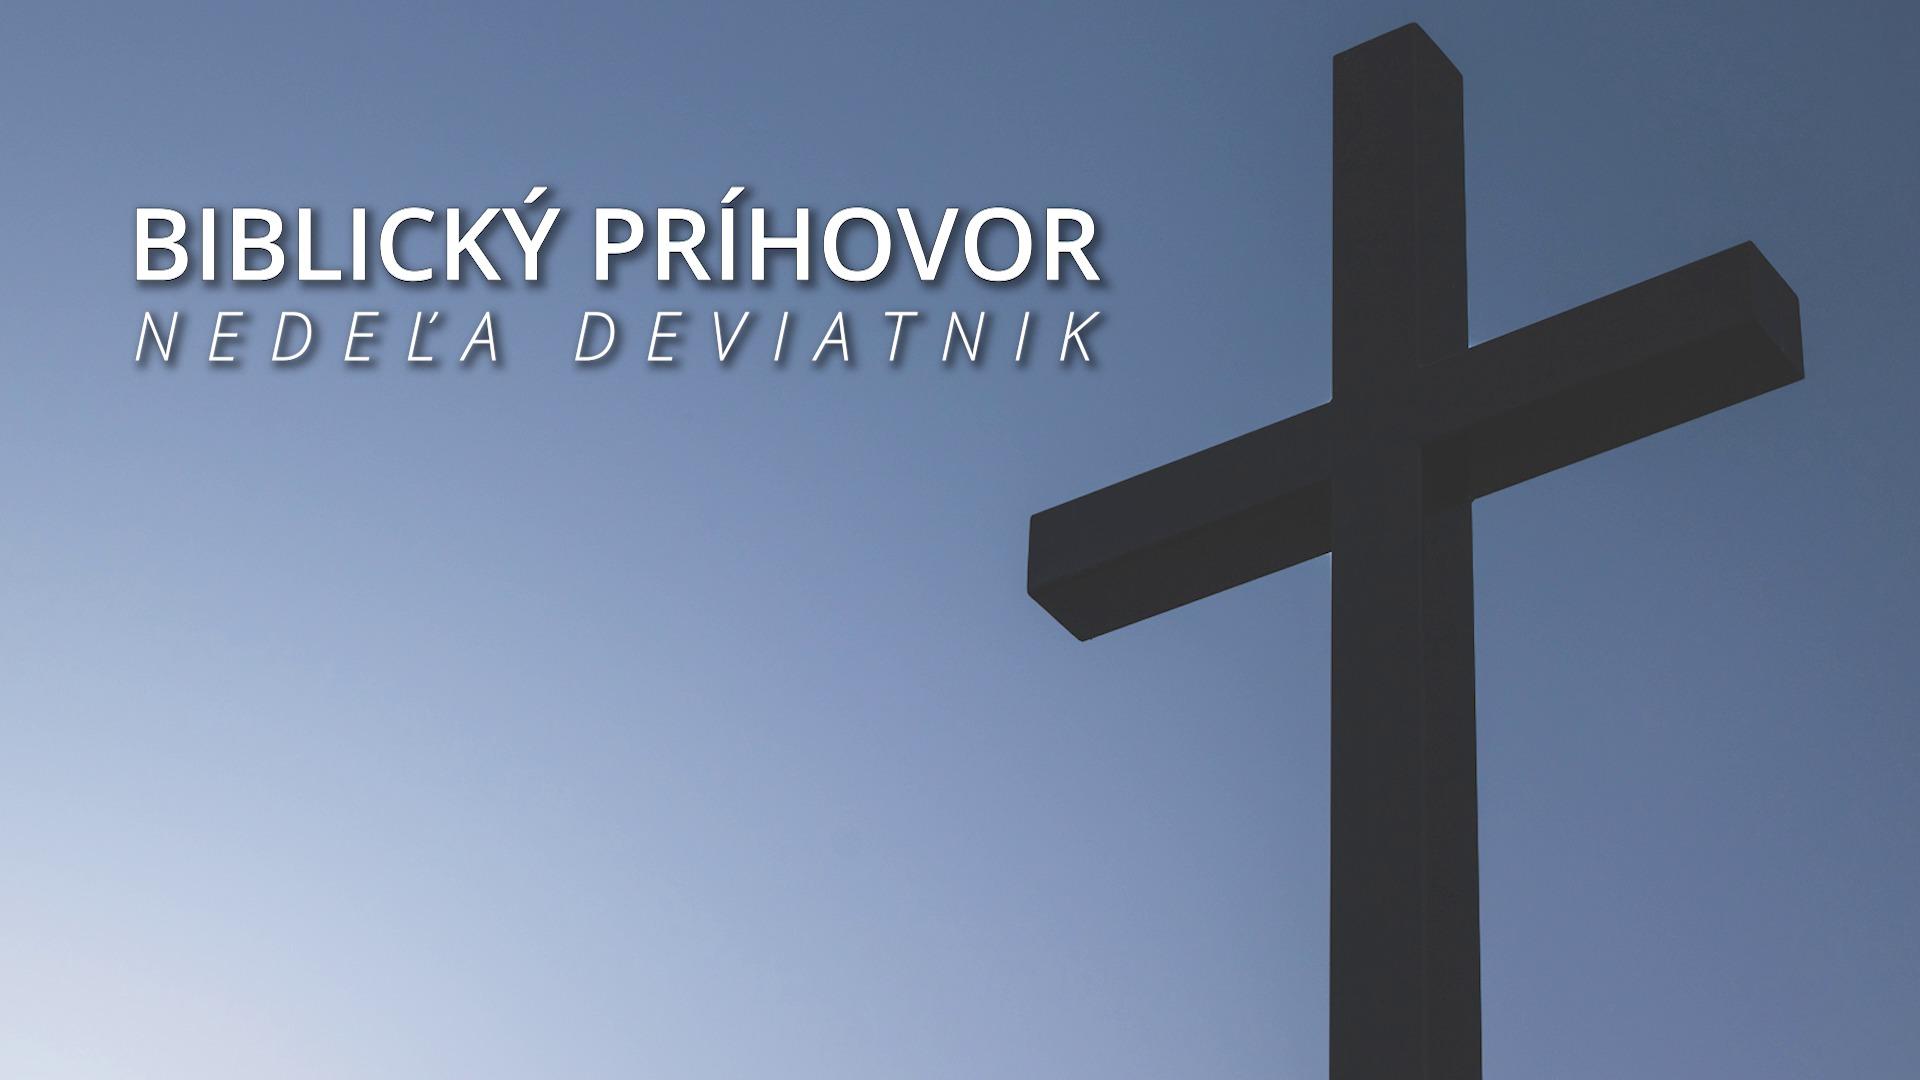 Nedeľa Deviatnik